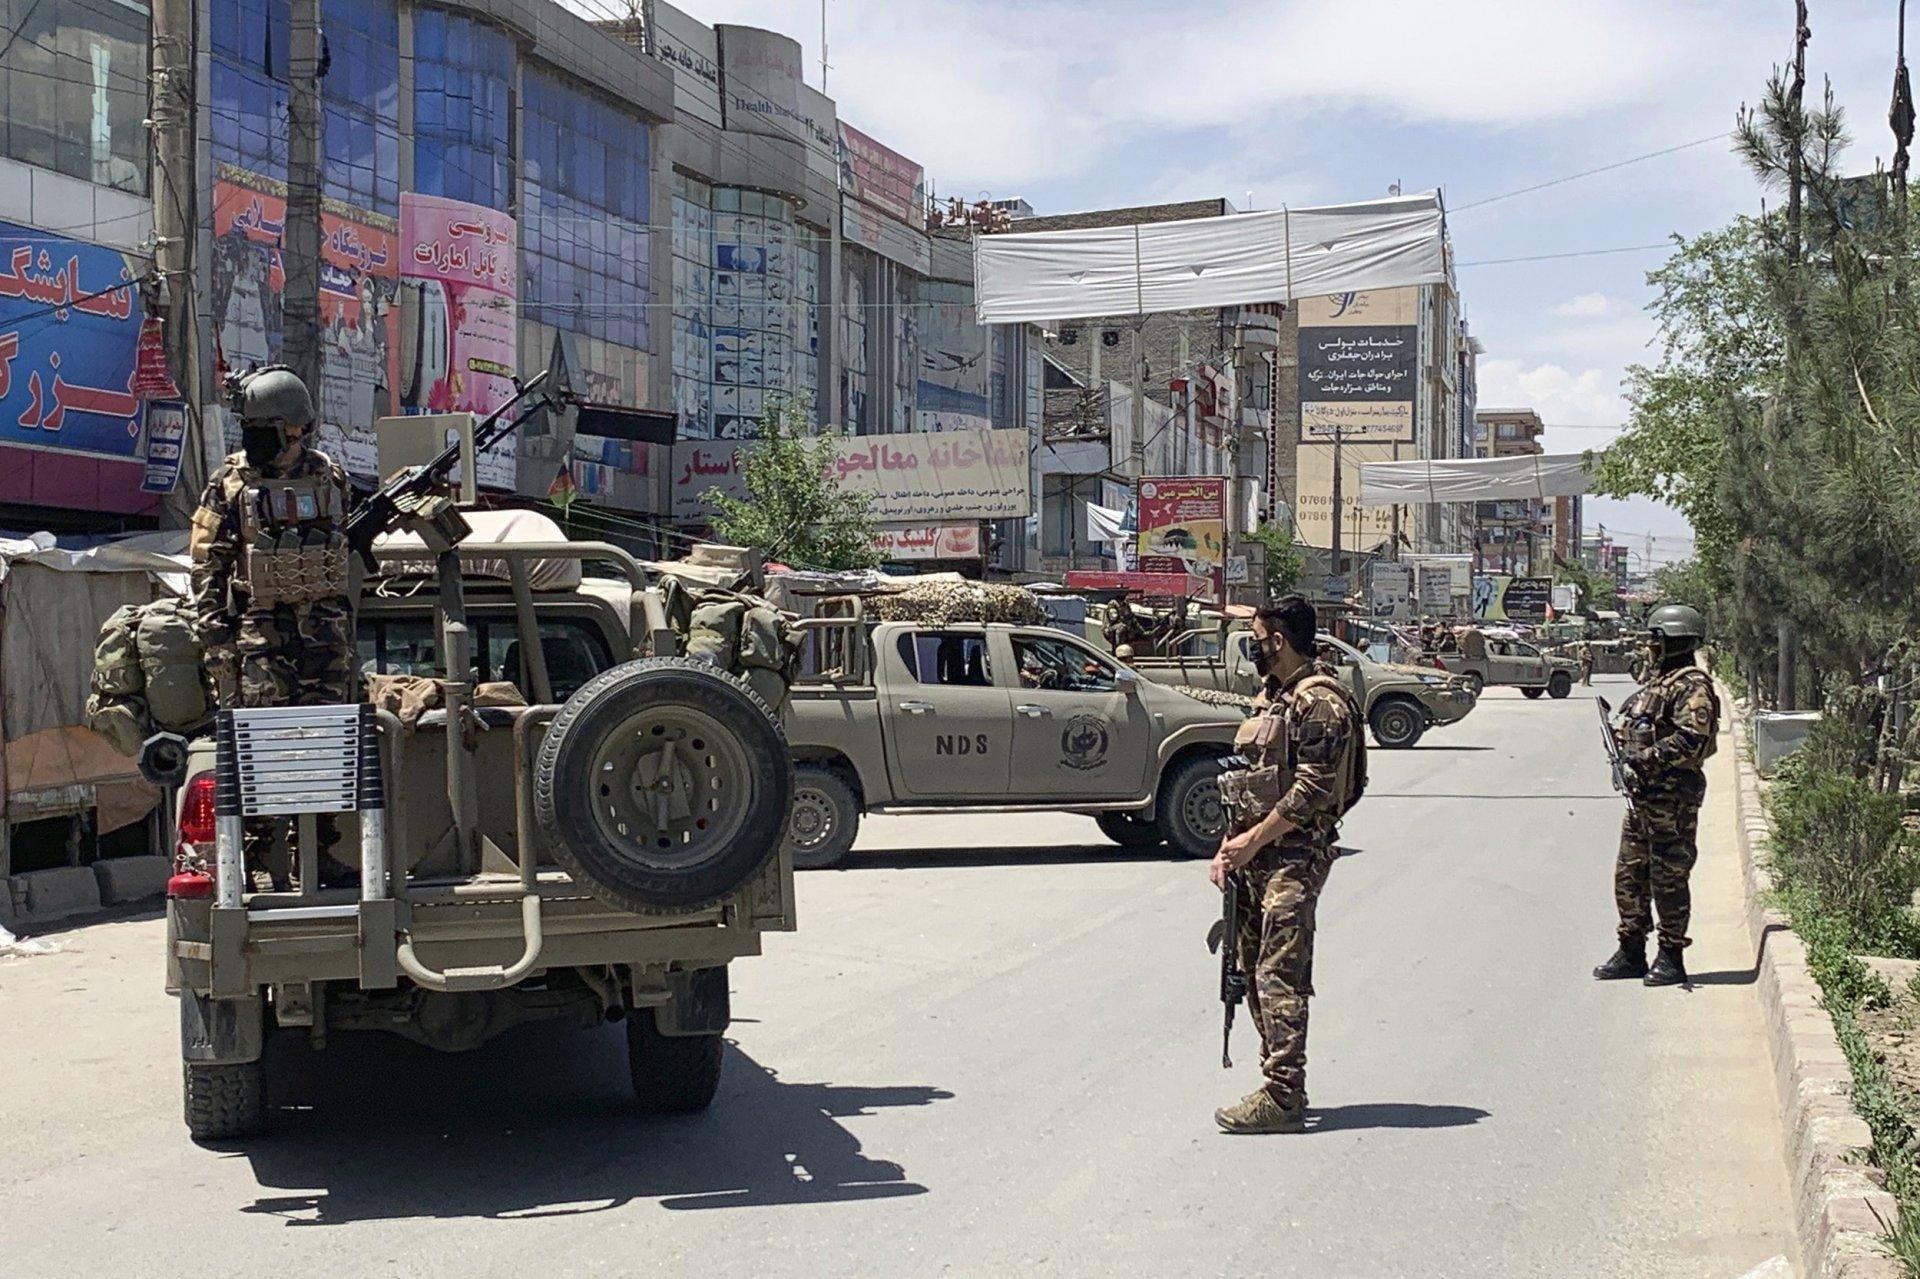 Афганистаны нийслэл Кабул хотын амаржих газарт халдлага гарчээ